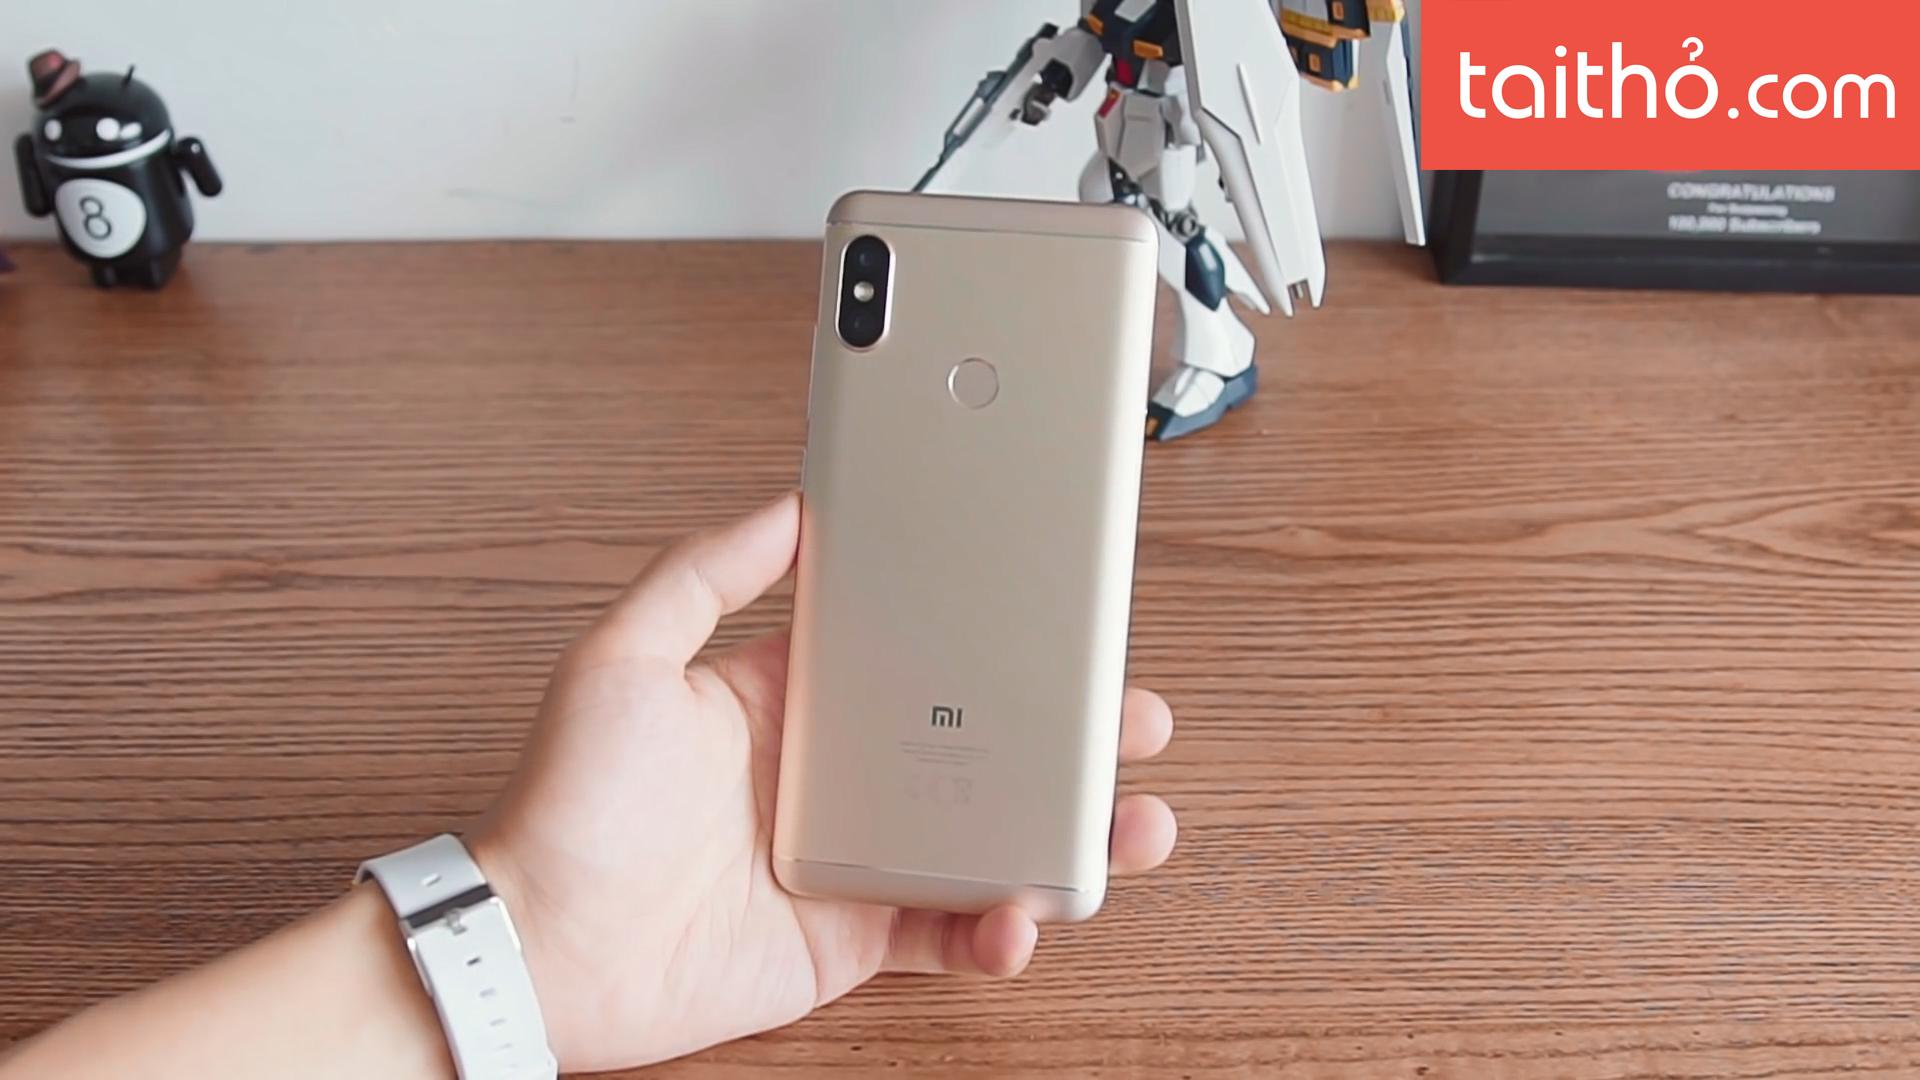 Đánh giá chi tiết Xiaomi Redmi Note 5 - Ảnh 5